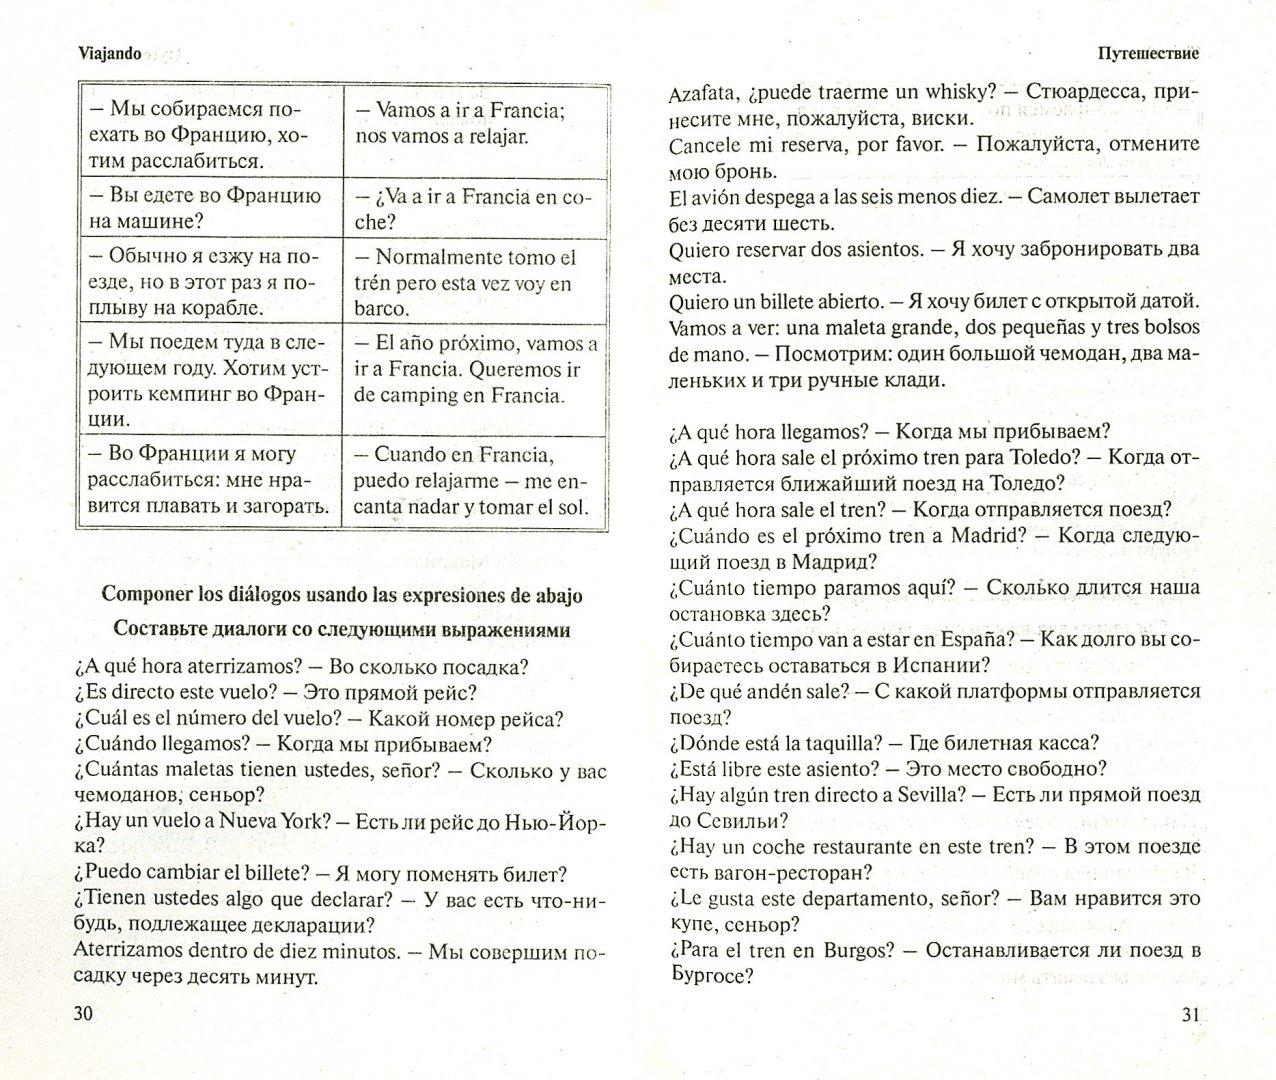 Иллюстрация 1 из 5 для Испанский язык. Все необходимые разговорные темы - Сергей Матвеев | Лабиринт - книги. Источник: Лабиринт